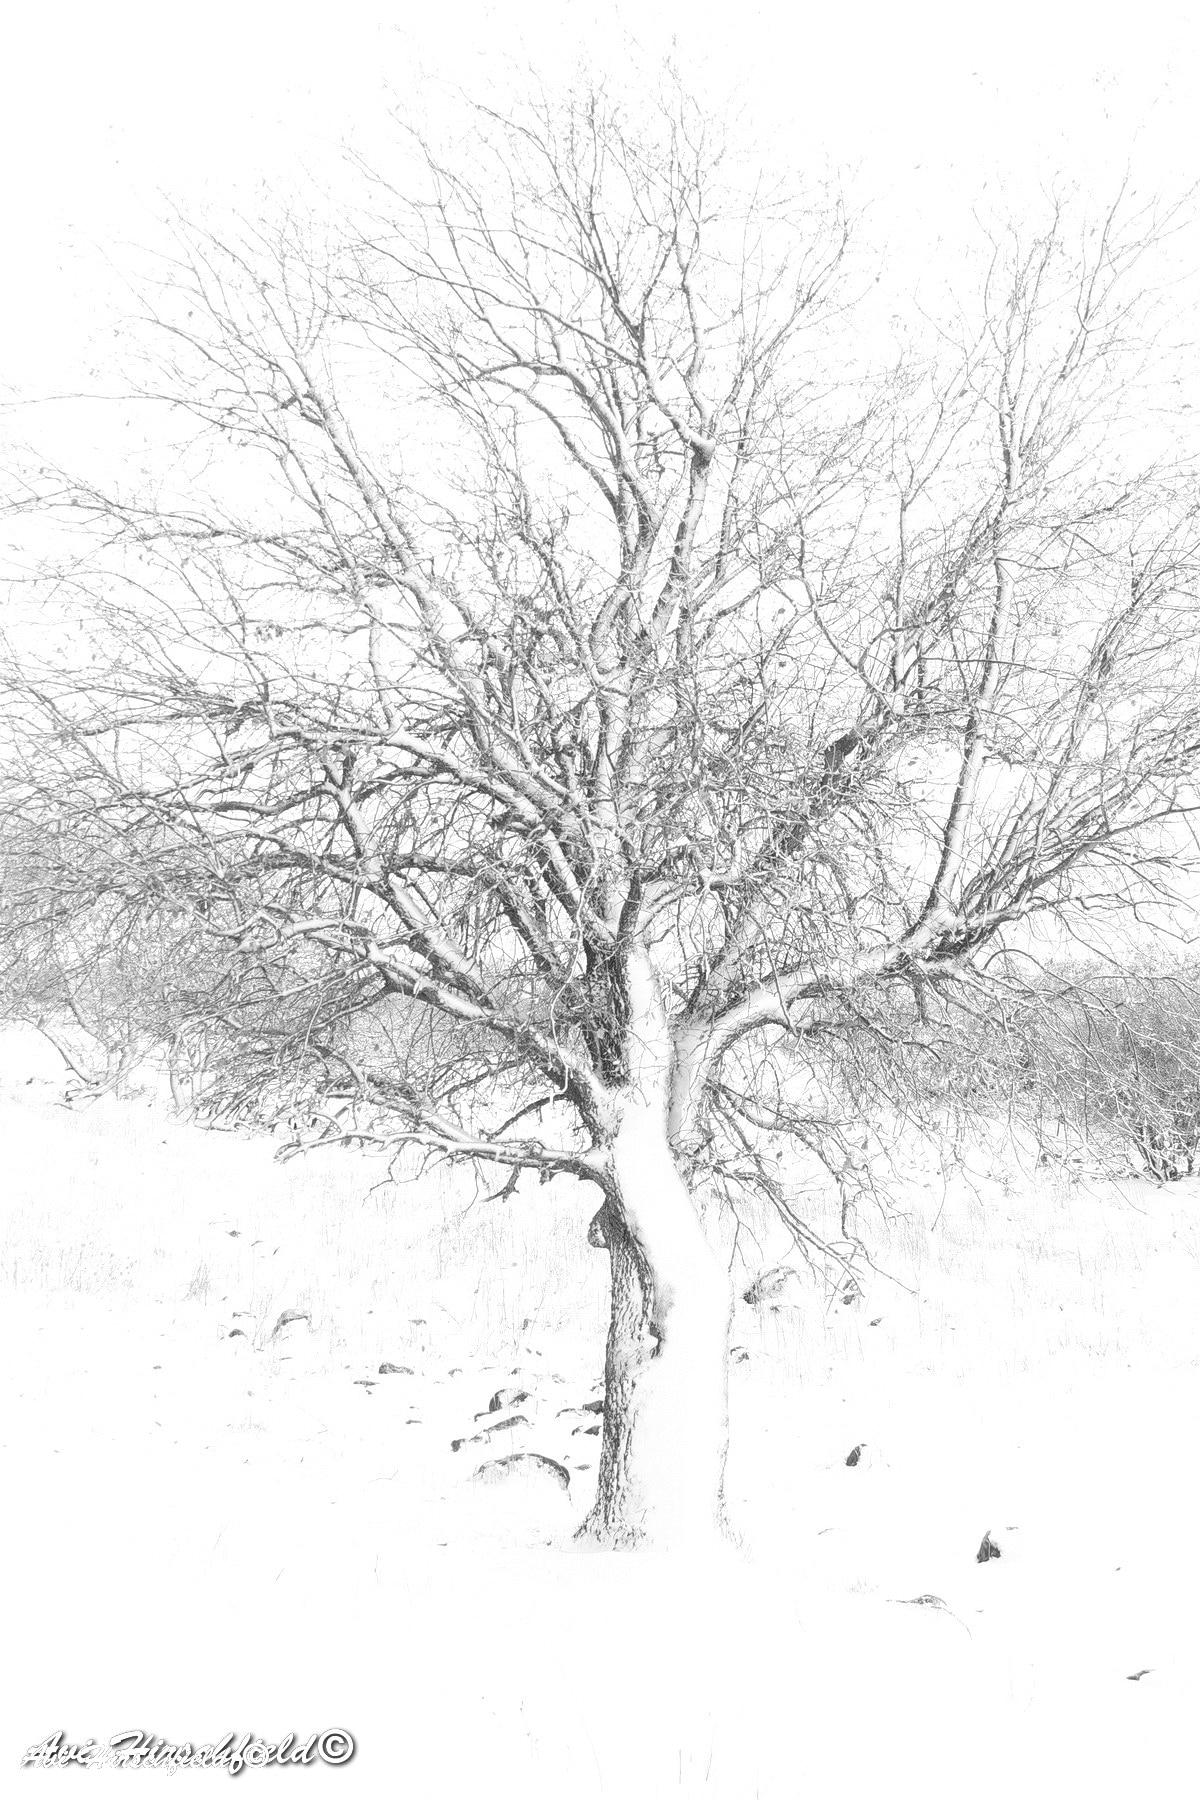 העץ העירום מעליו מתגלה בתמונה זו במלוא הדרו: ענפיו הדקים המשתרגים ומתפתלים, גזעו המוצק המתפצל וכל זאת על רקעו המרהיב והבוהק של השלג. תמונה בשחור לבן המזכירה רישום פחם שתהלום סלון או משרד המעוצבים בקווים נקיים